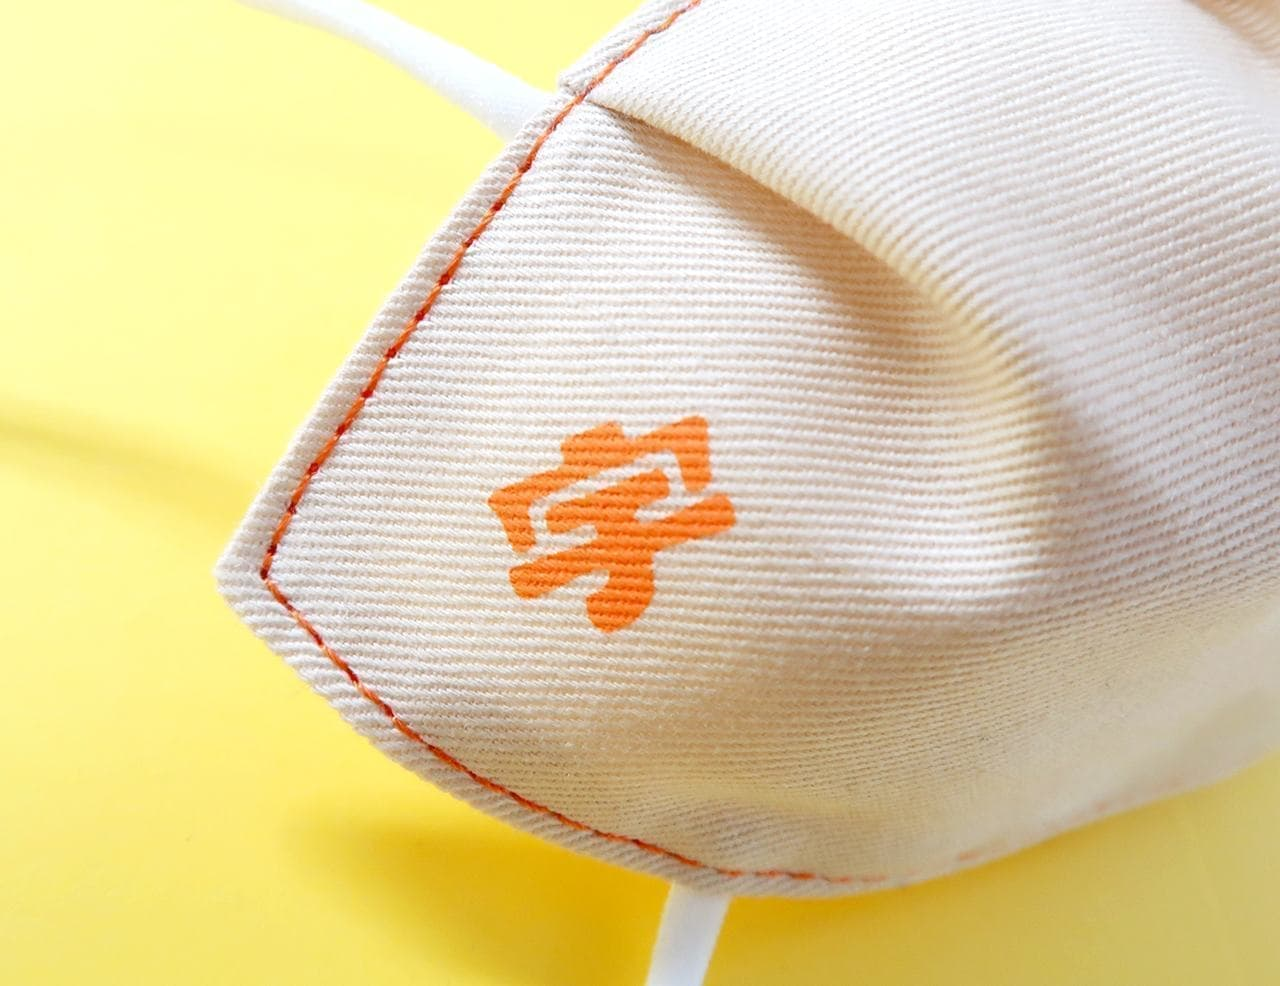 餃子のひだも再現「宇都宮餃子マスク」に子ども用サイズ